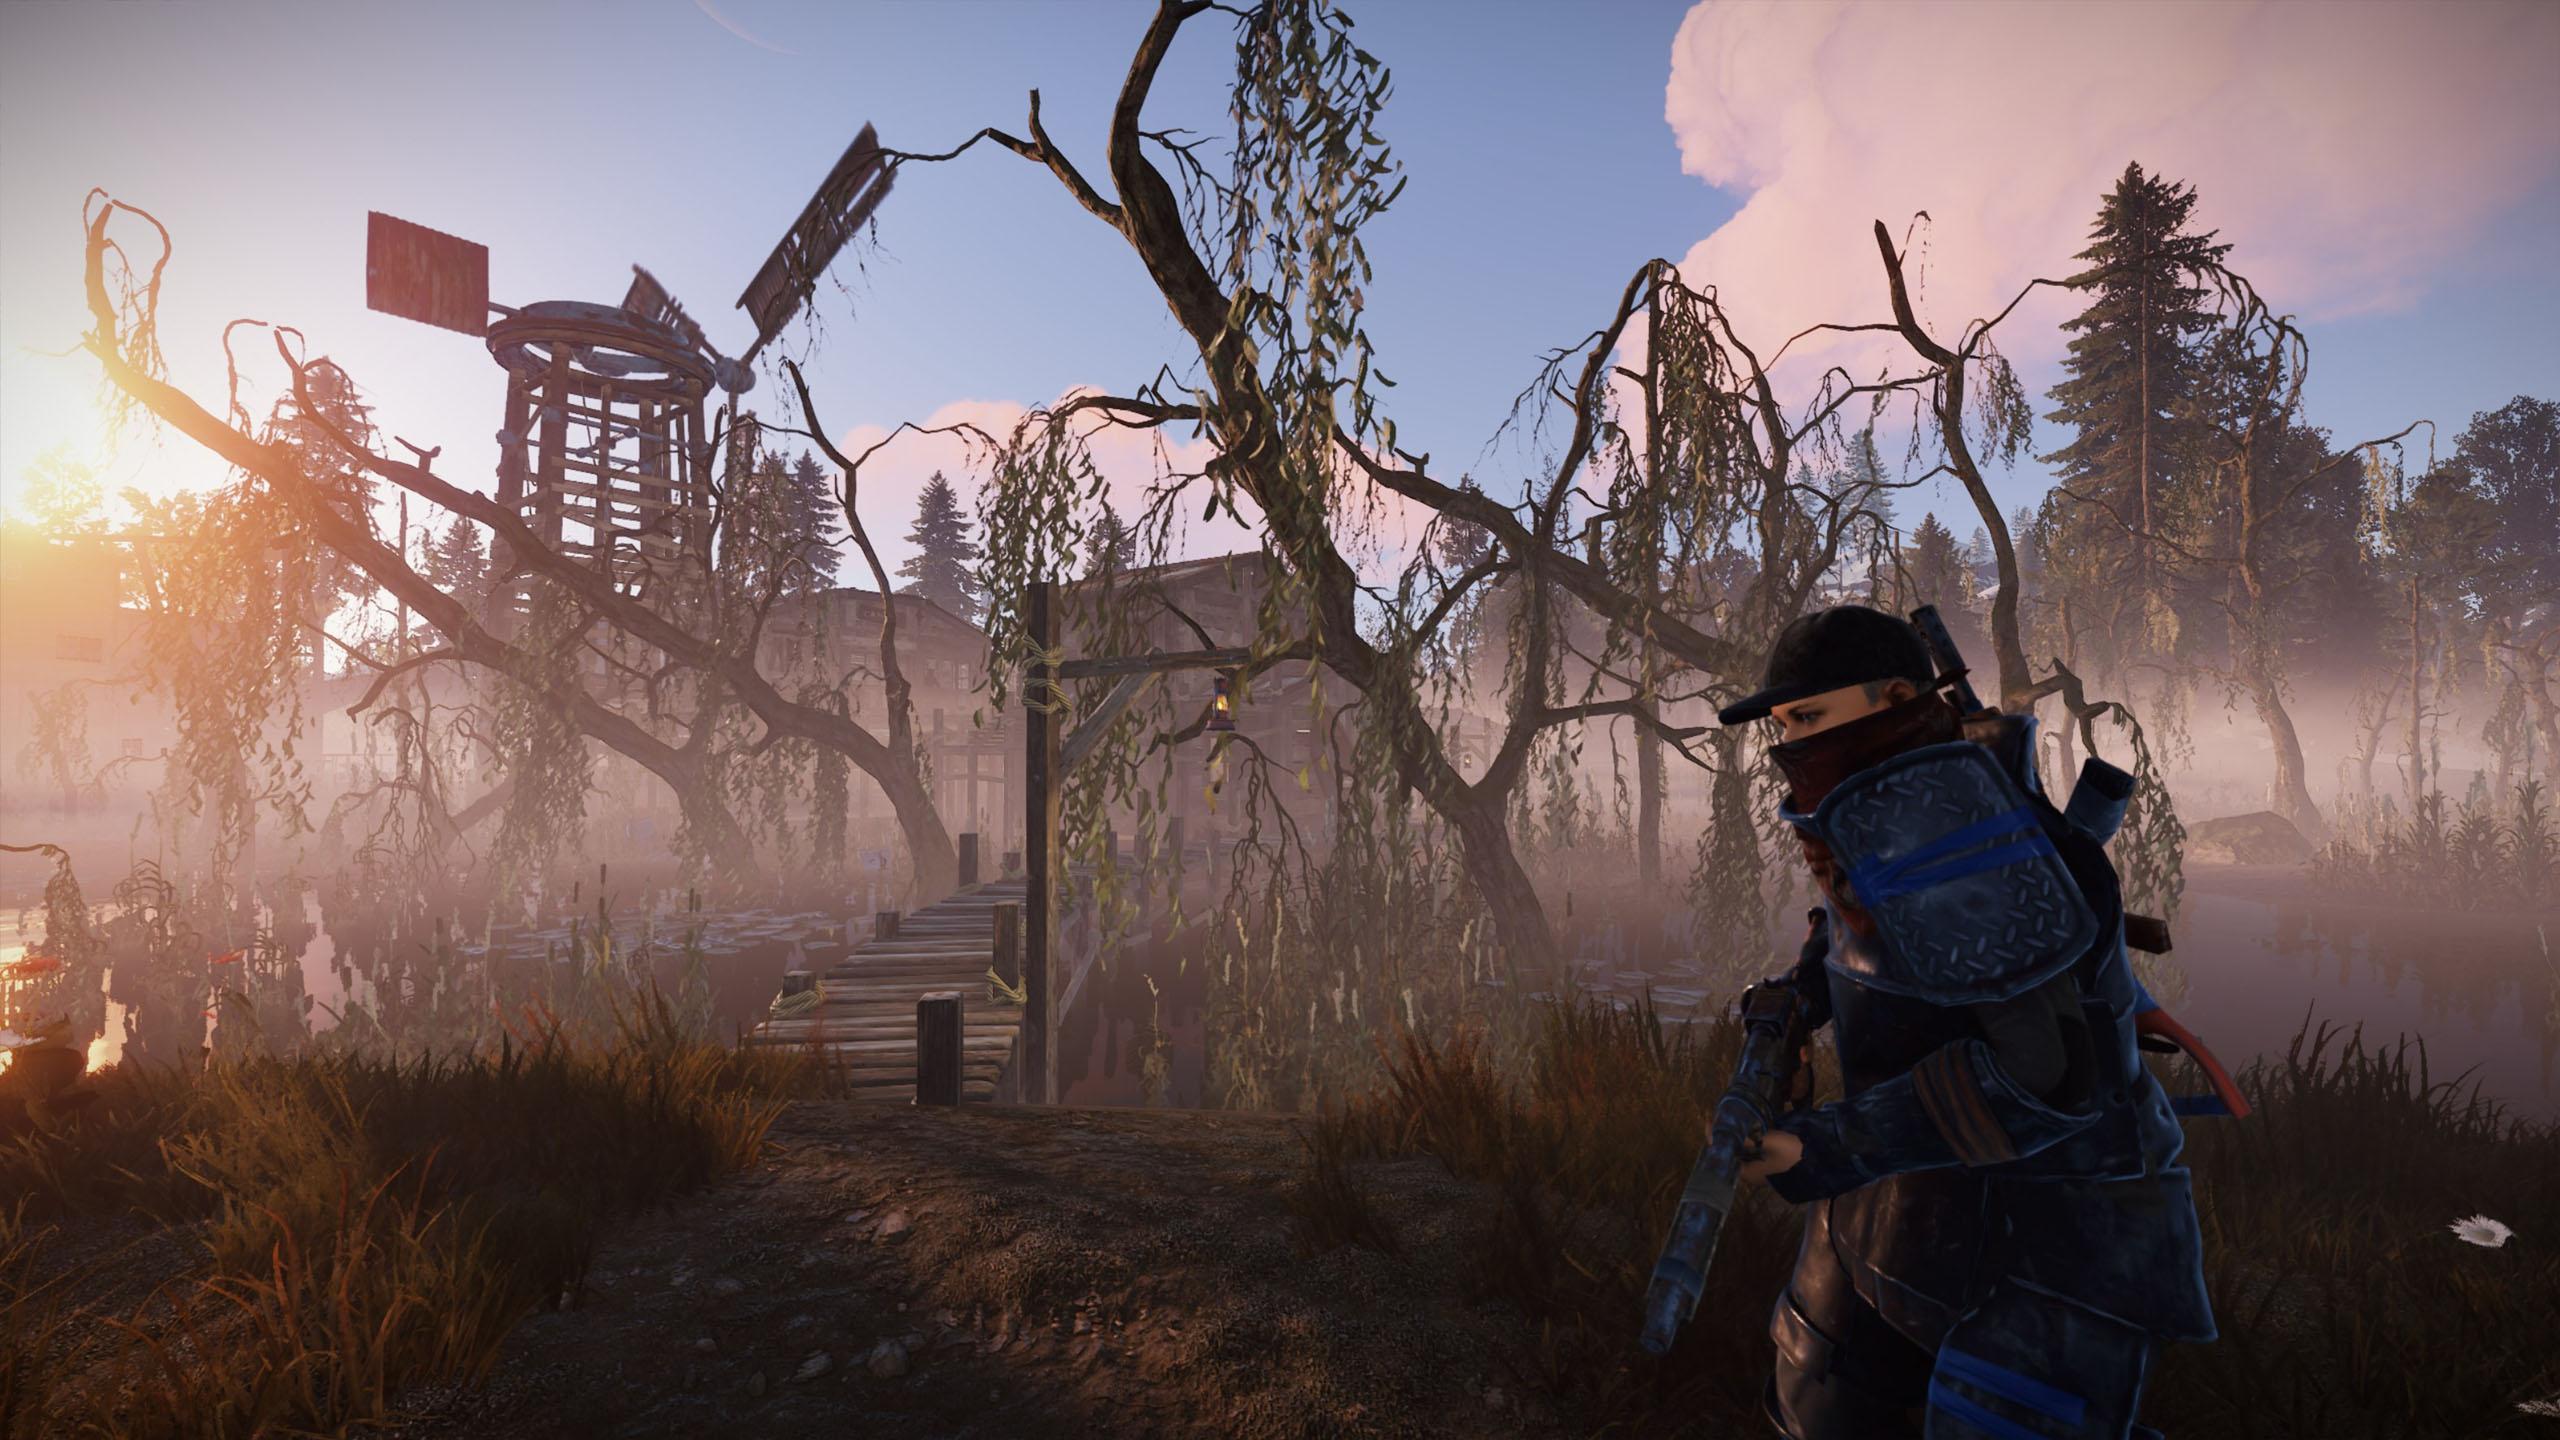 Rust llegará a PS4 y Xbox One en 2020 - LoJueguito